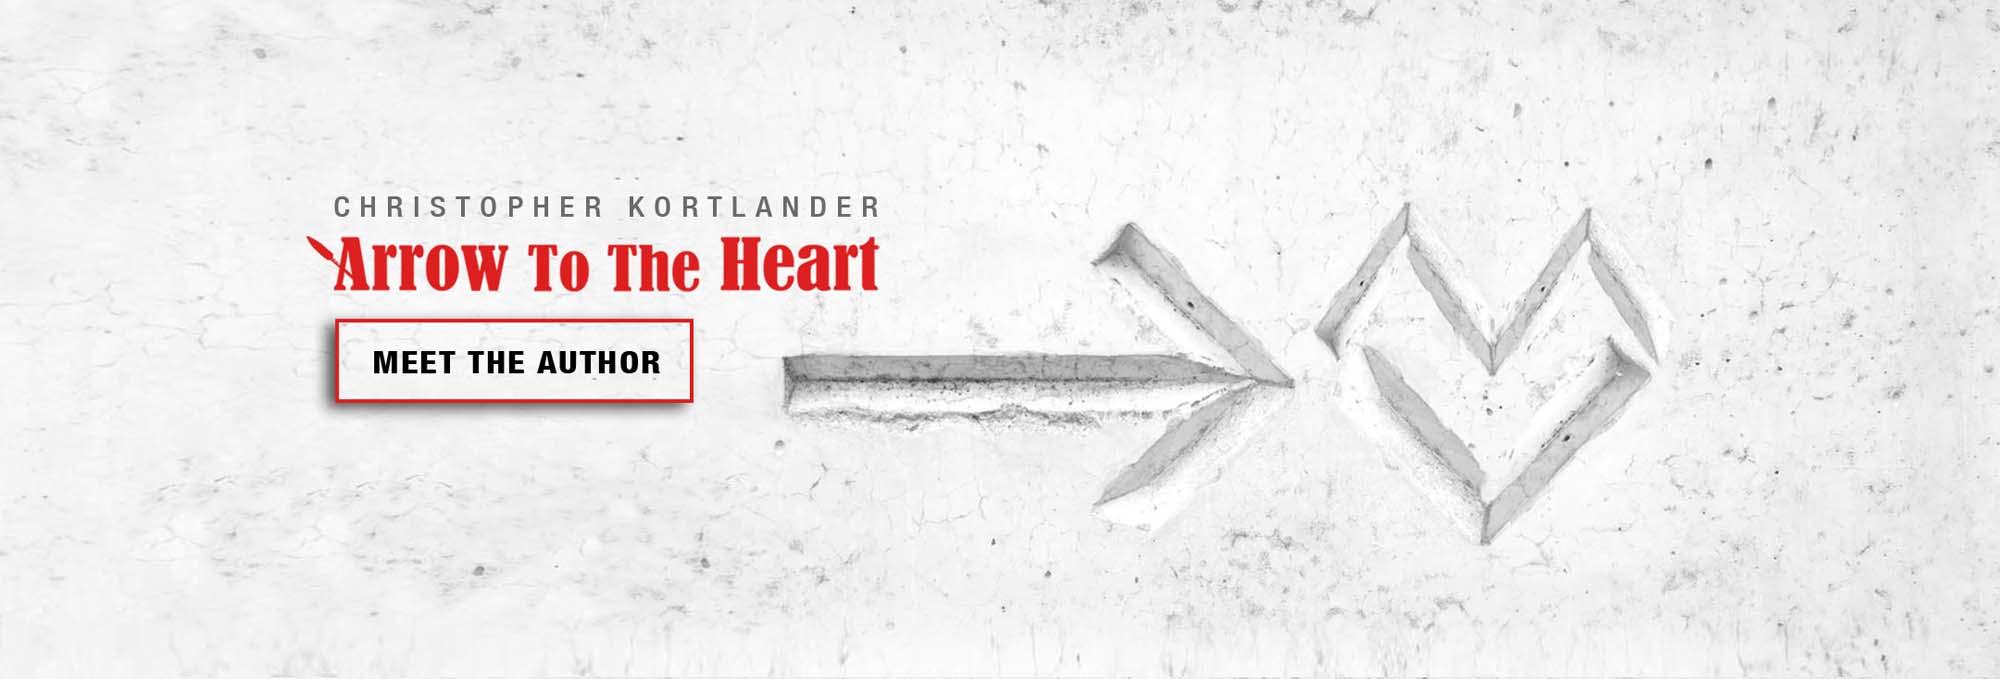 Arrow to the Heart - Meet Author